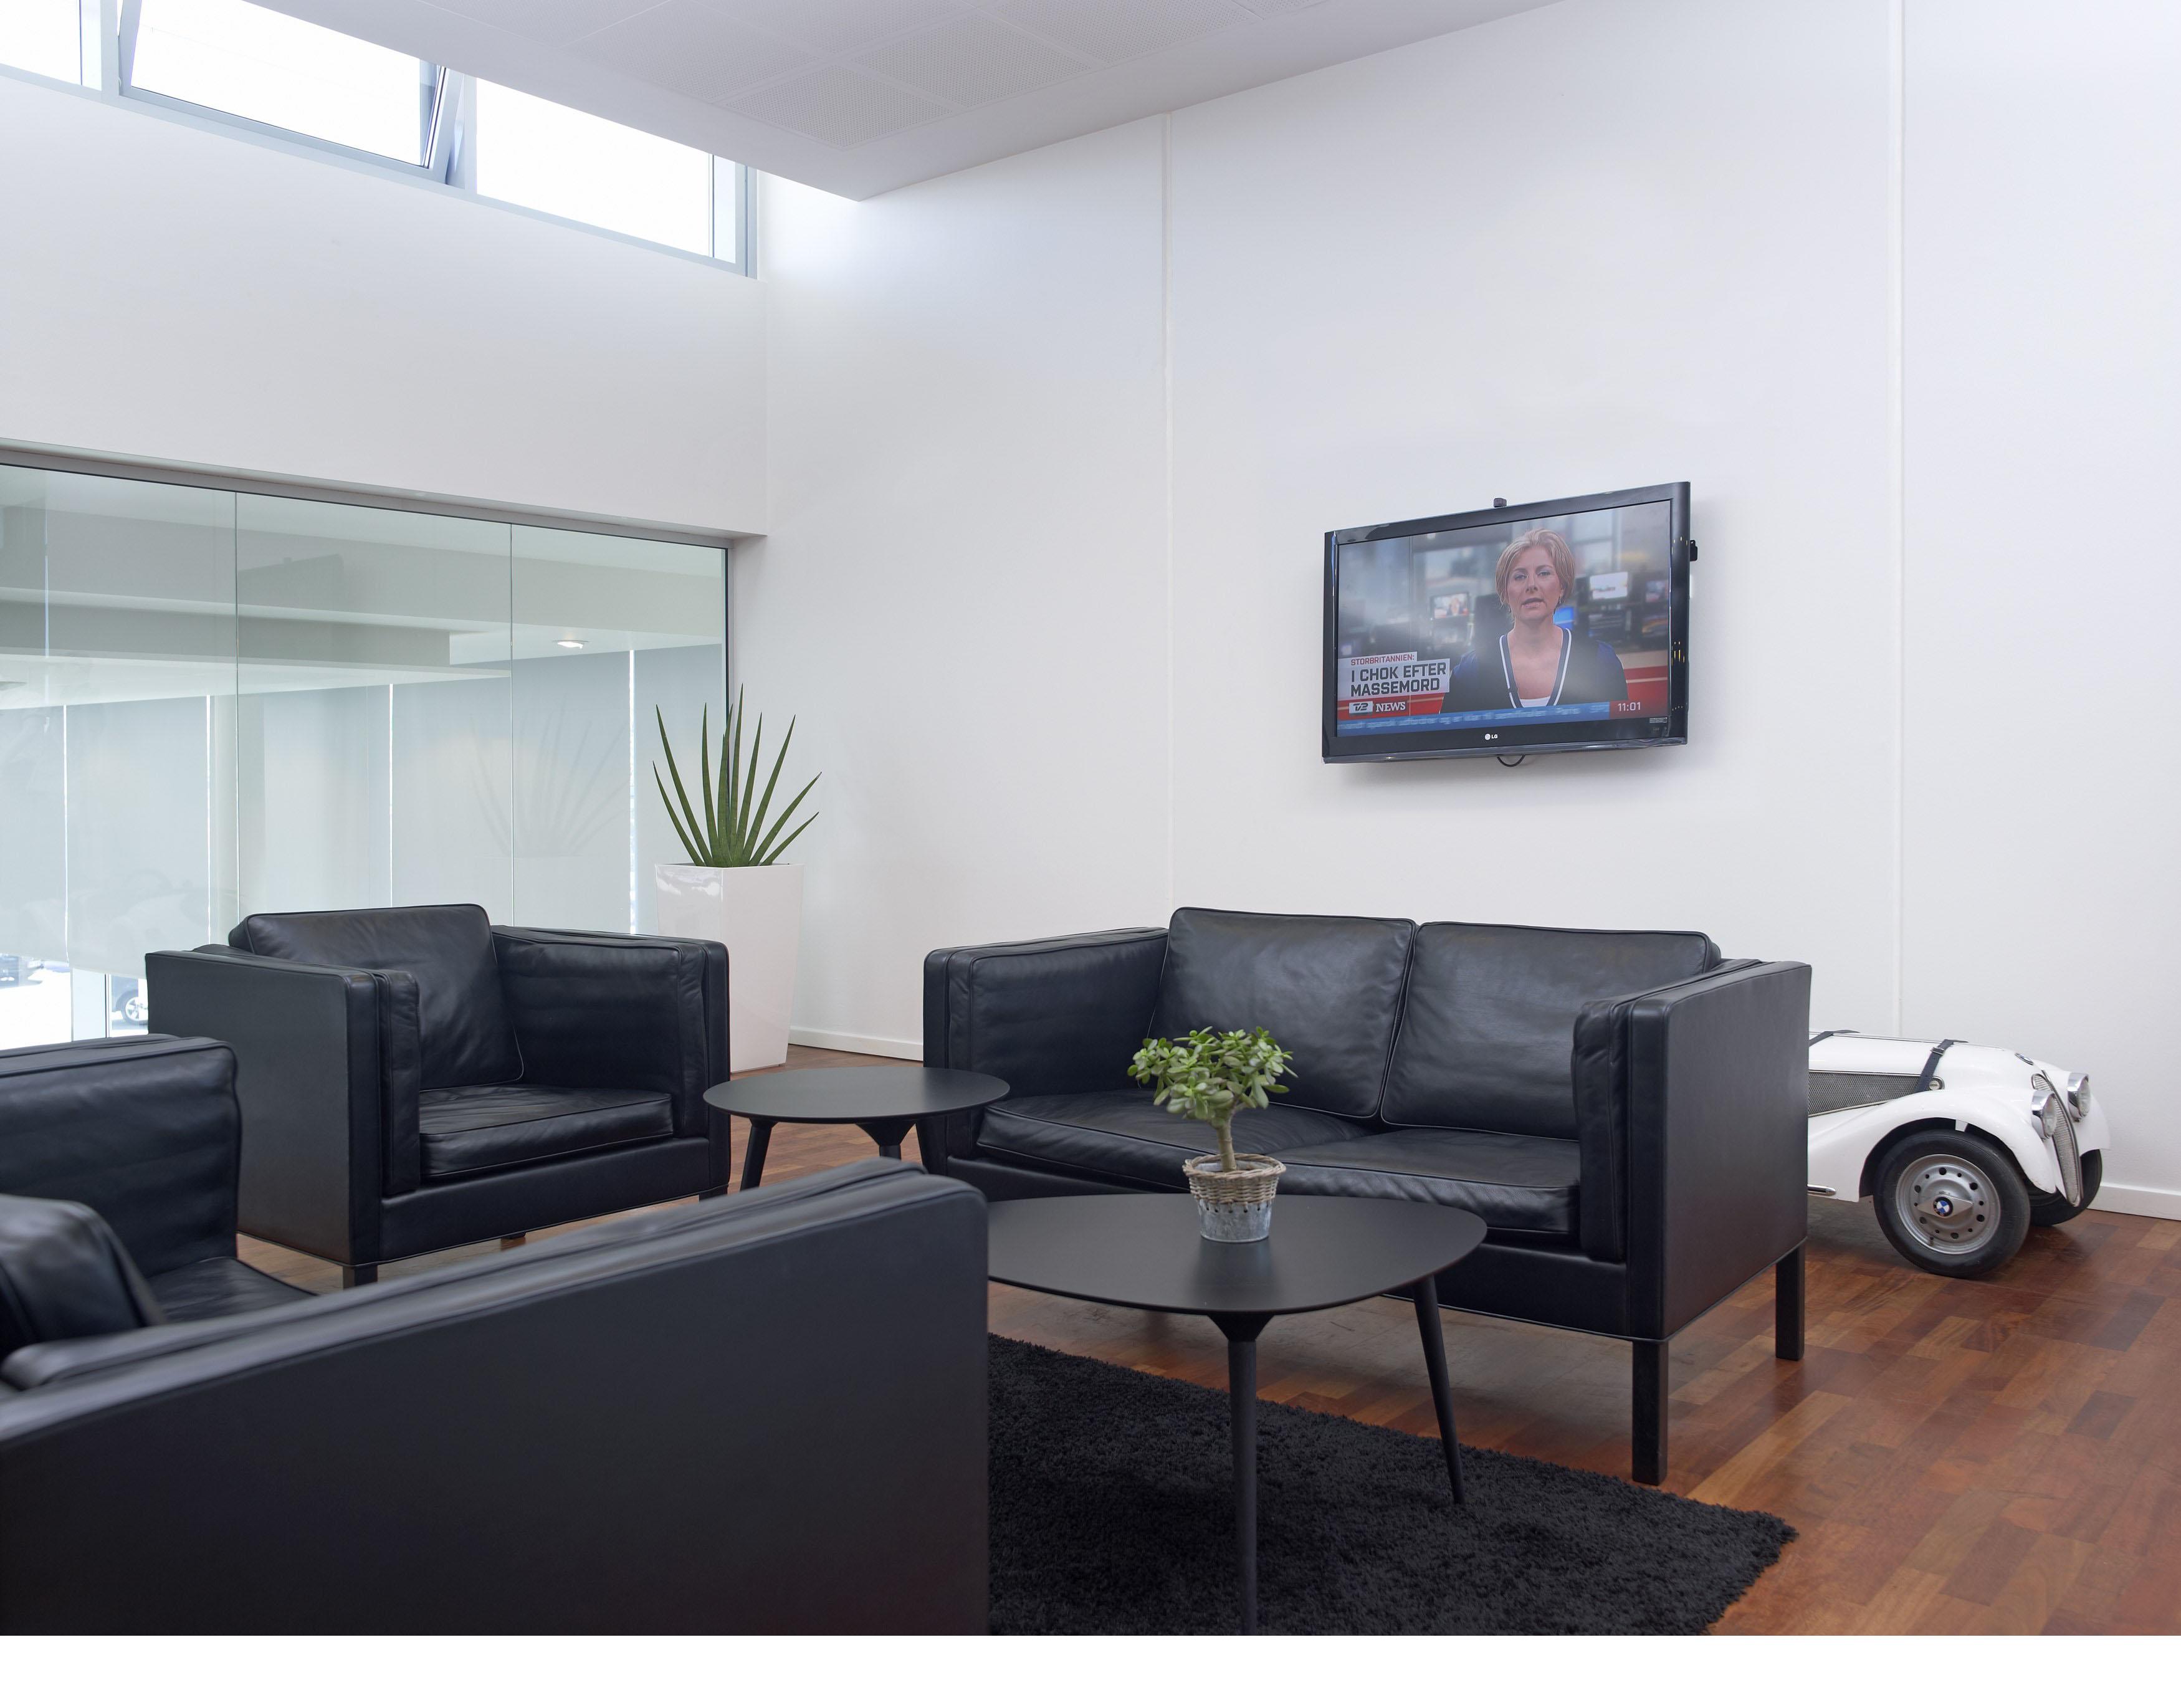 产品标题:新中式现代沙发:borge mogensen 2334图片